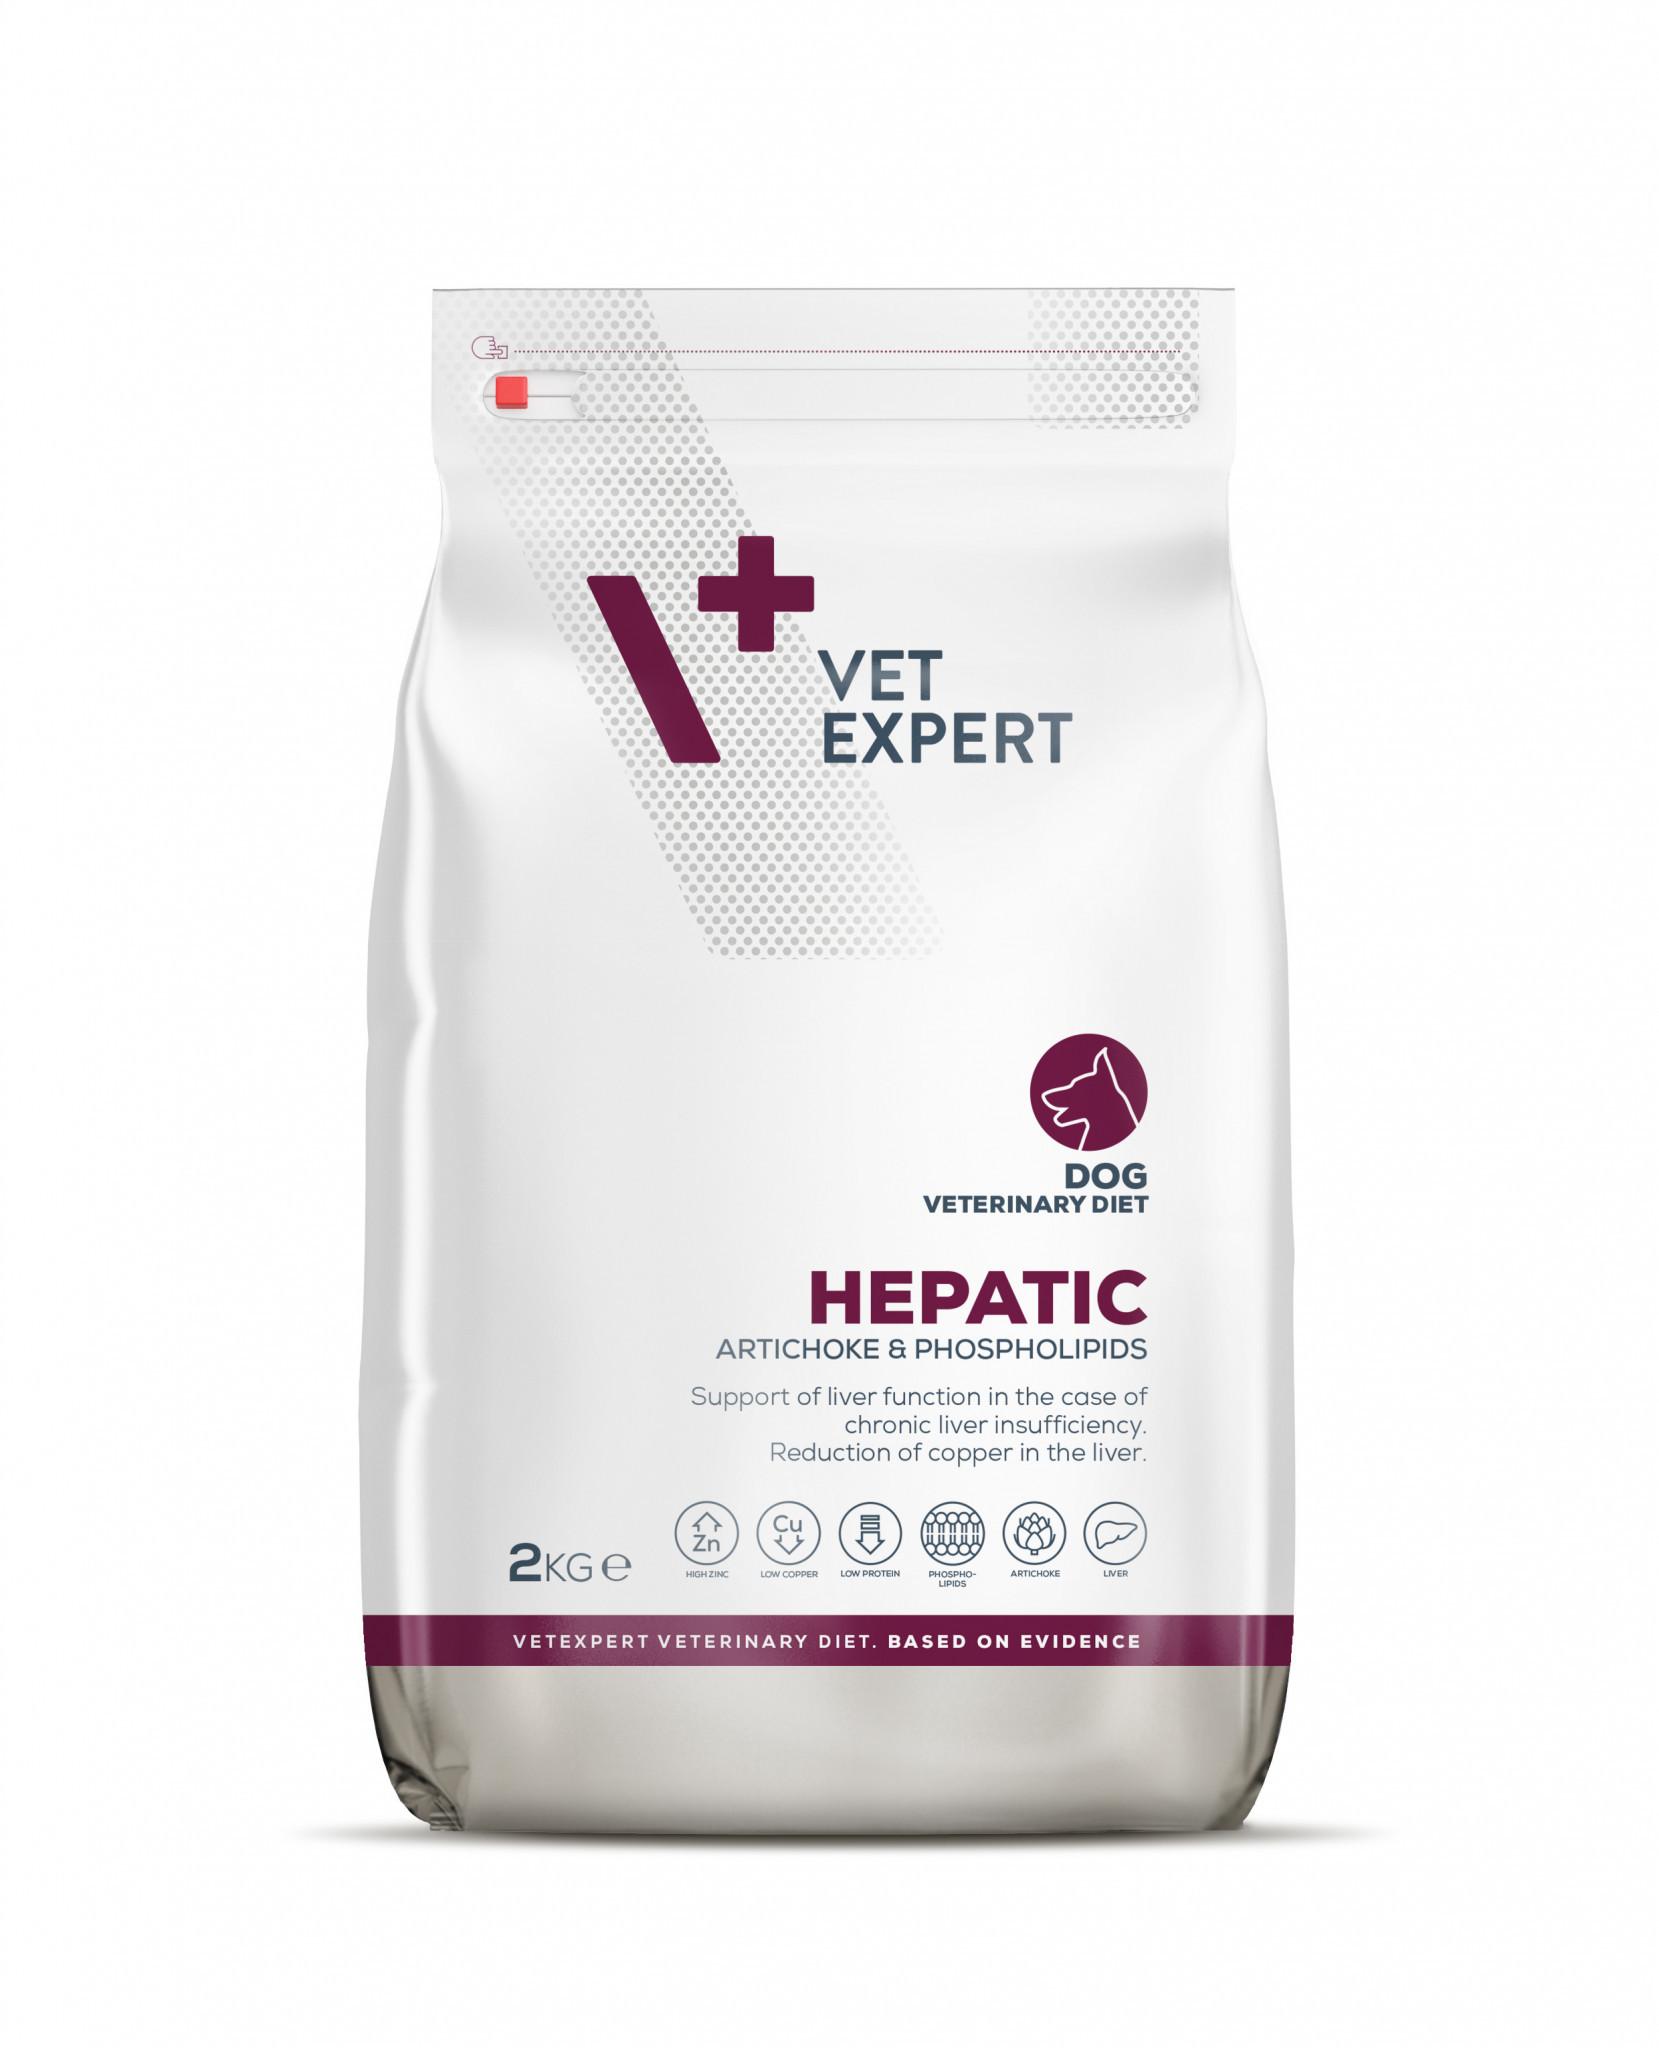 VetExpert 4T Tierärztliche Diät - Hepatic – Premium Tierärztliche Diät für Hunde mit Lebererkrankungen, Diätfutter, Tierärztliche Diät,hepatische Enzephalopathie, Kupferspeicherkrankheit, Leberversagen, chronische Leberentzündung, Hepatitis, portosystemischer Shunt, Piroplasmose, Babesiose.